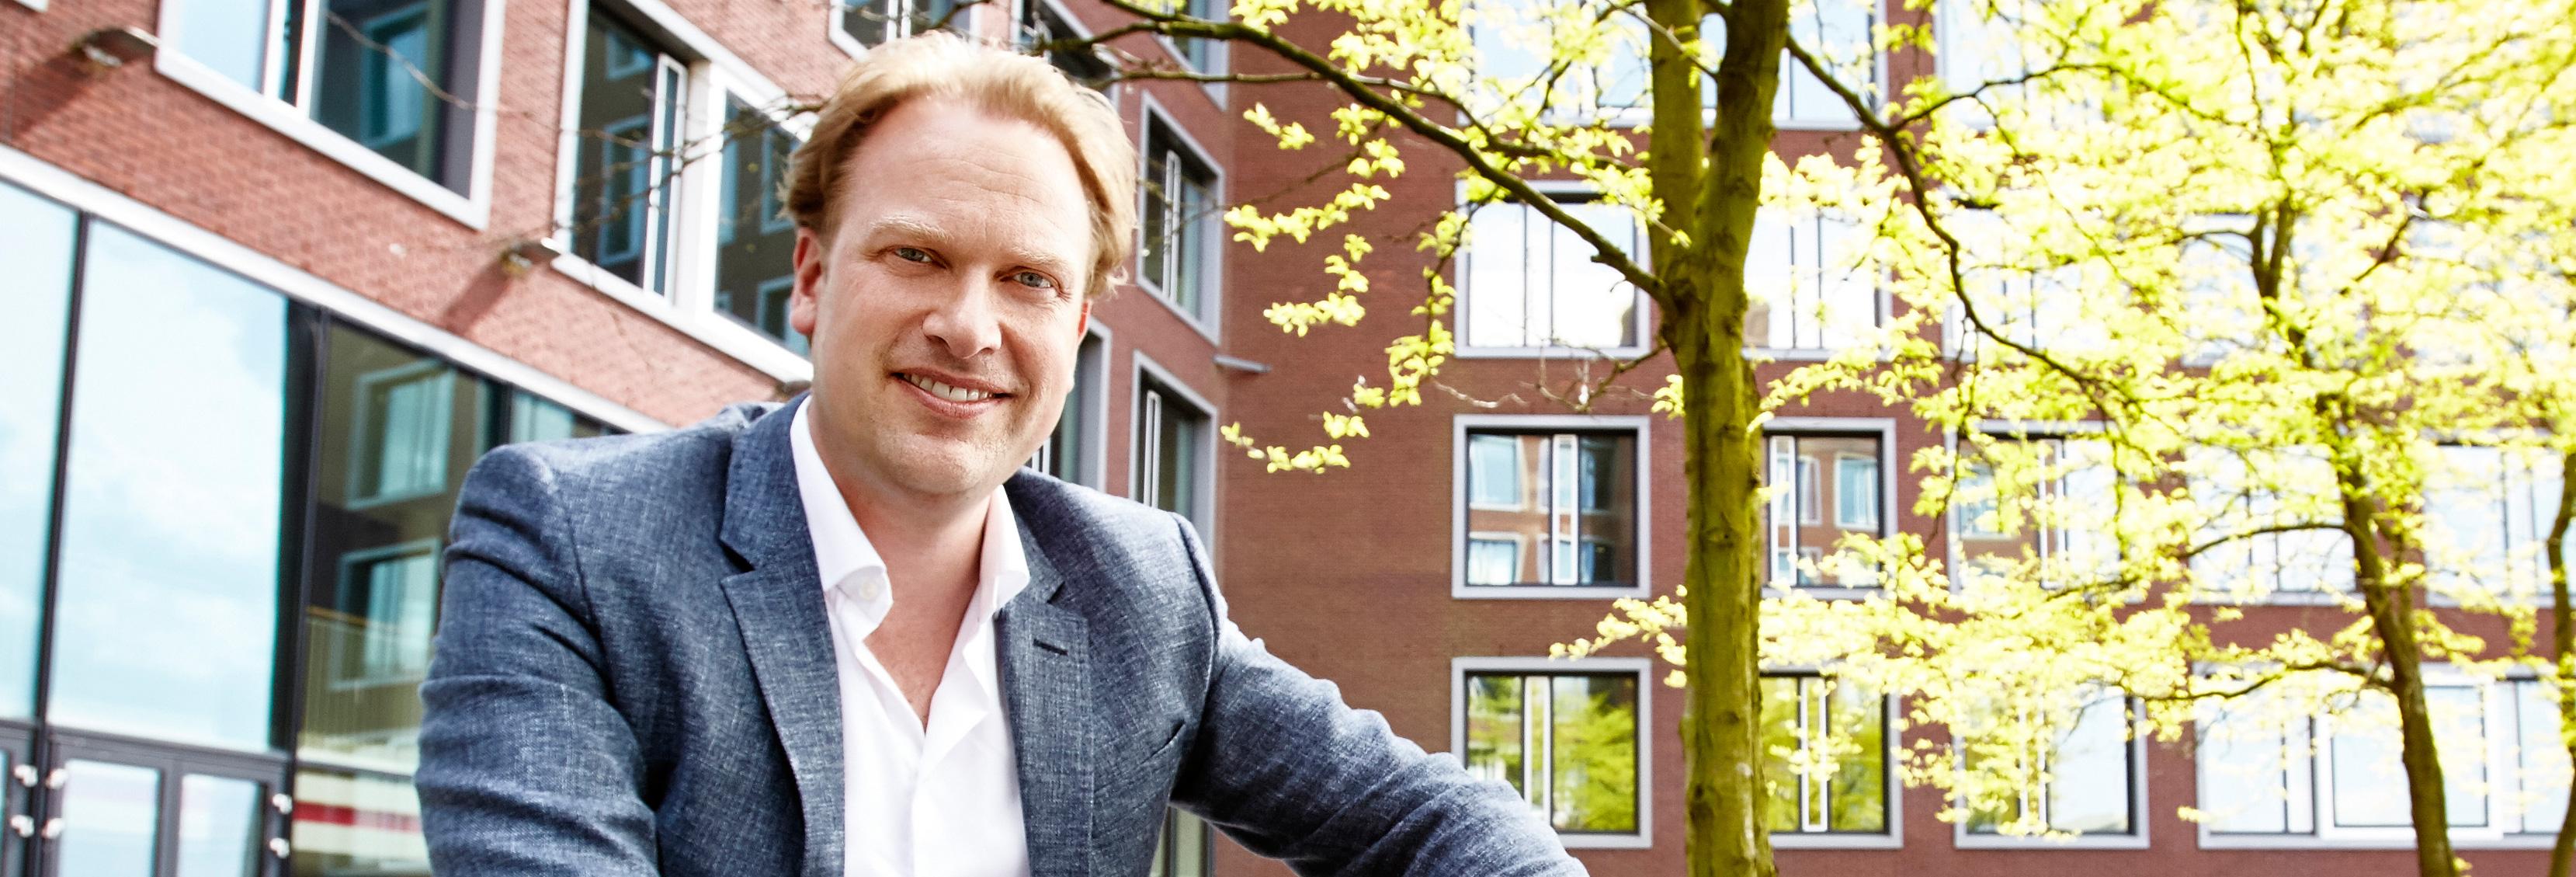 Mark van Zon, Commercieel Directeur bij Essent